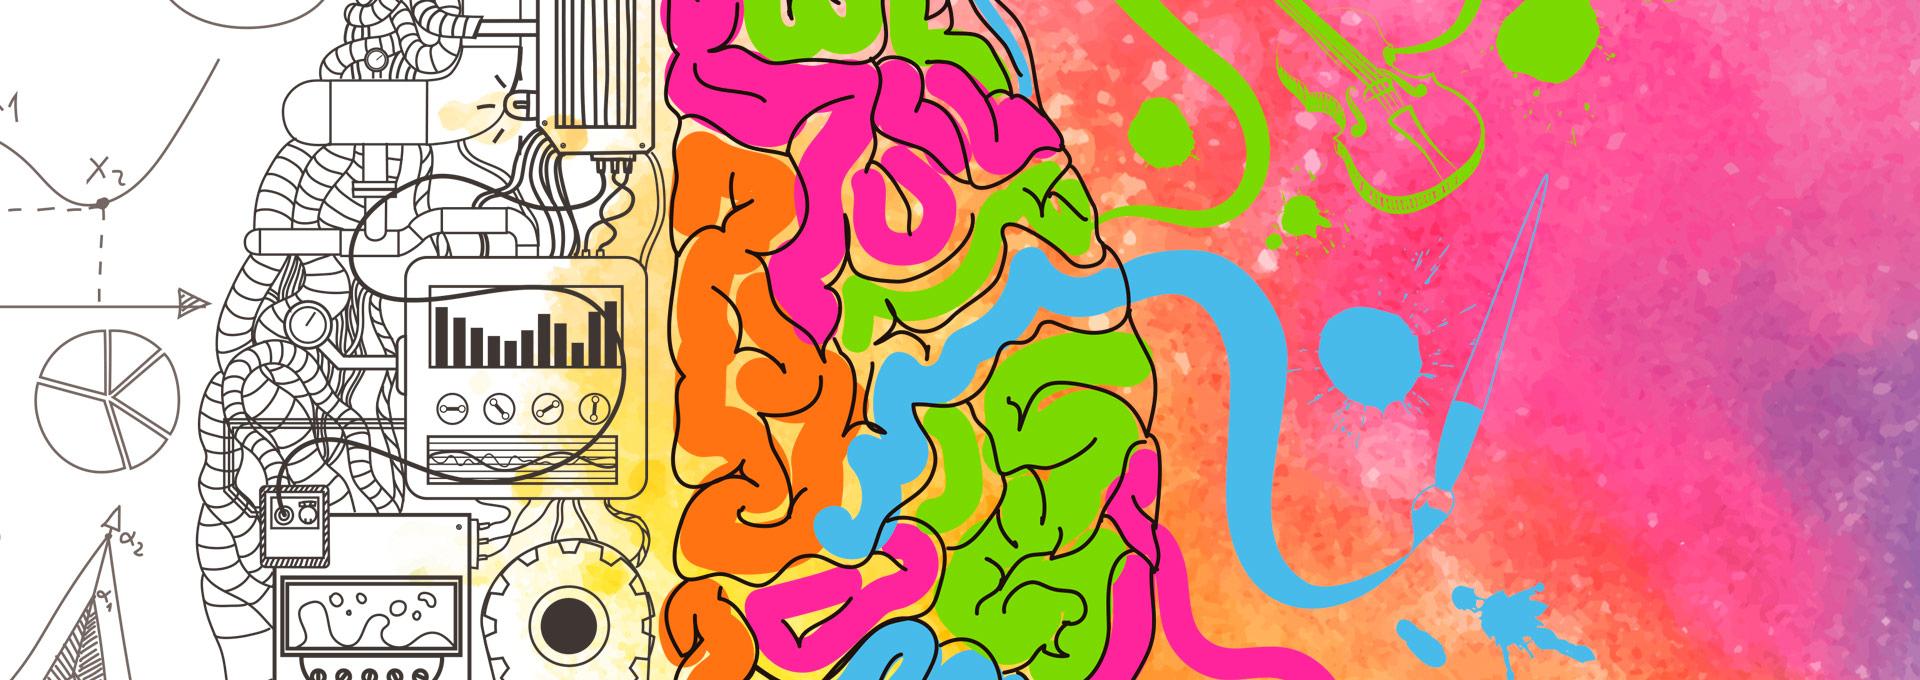 Aprender a usar el cerebro para sanar